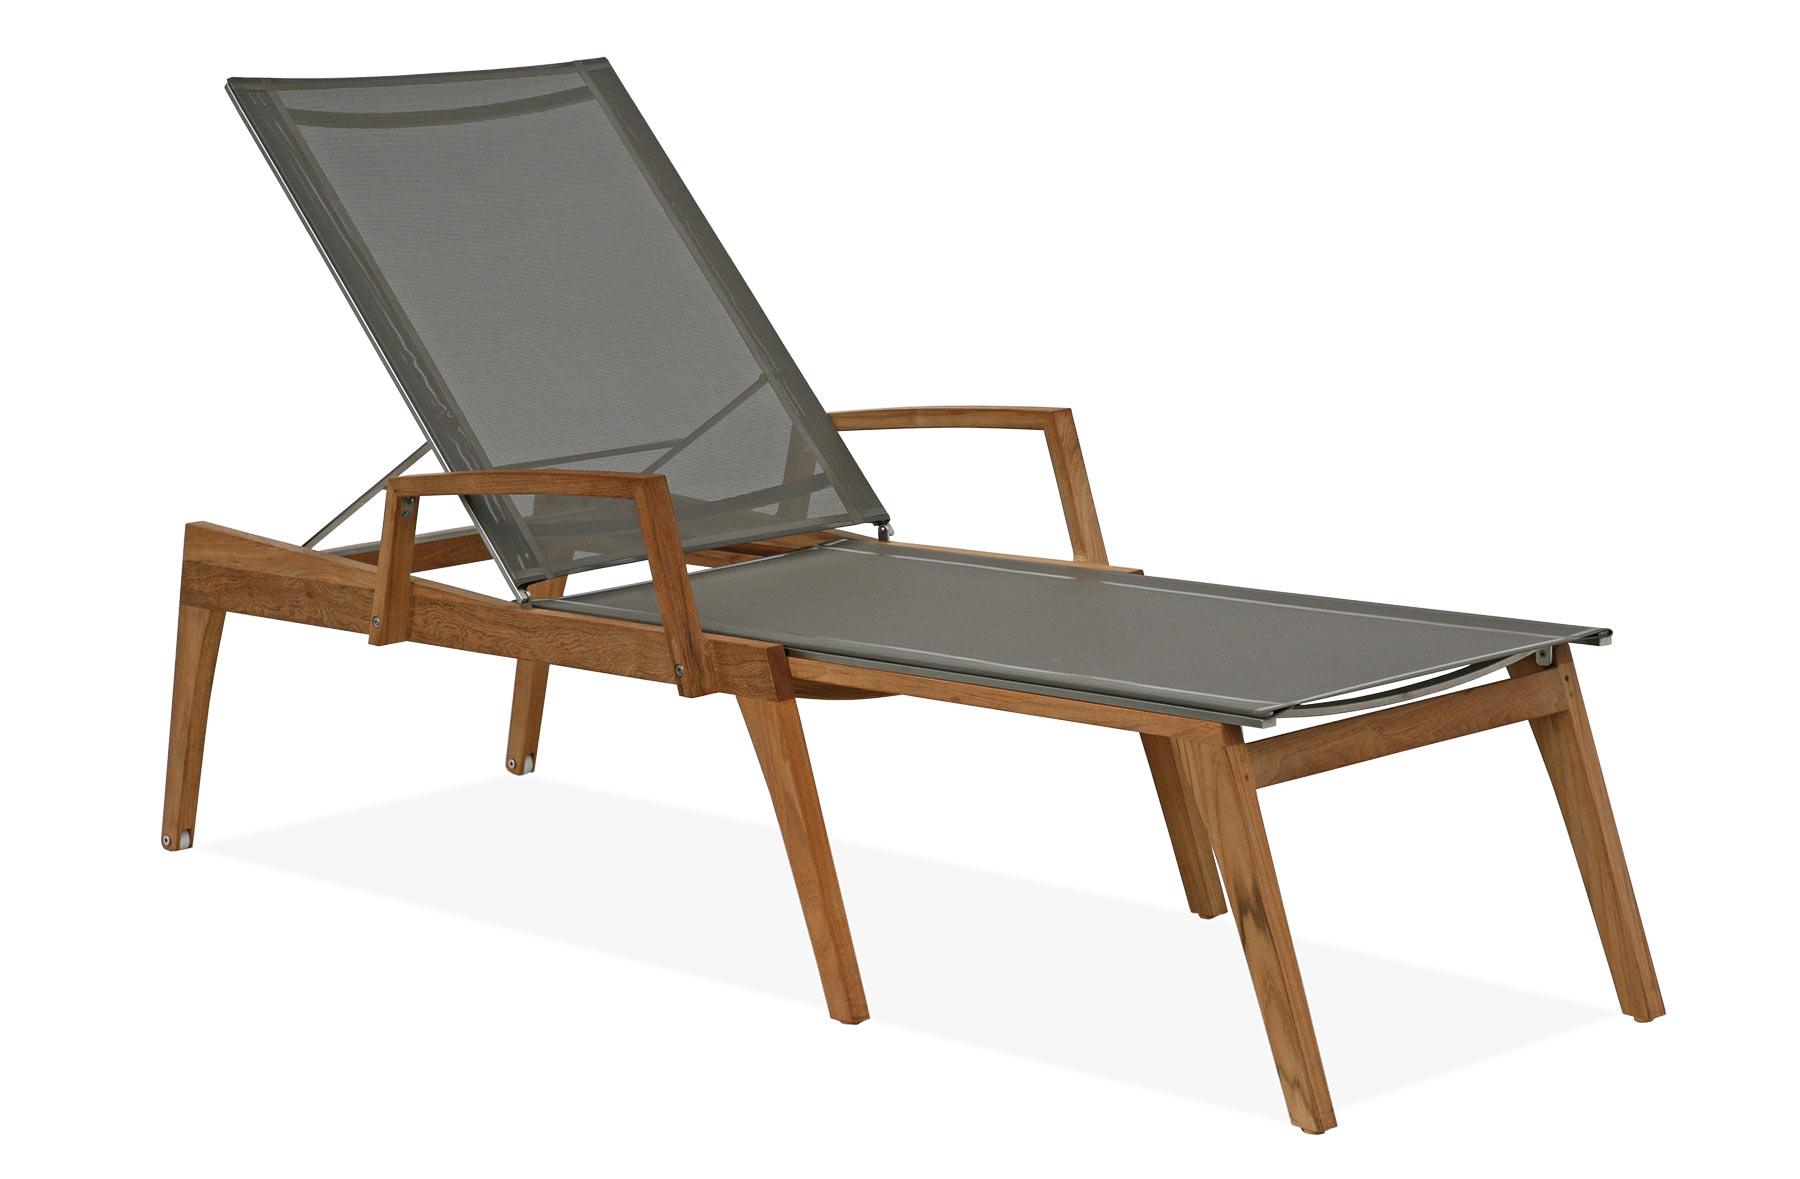 liegen deckchairs forum gartenm bel. Black Bedroom Furniture Sets. Home Design Ideas